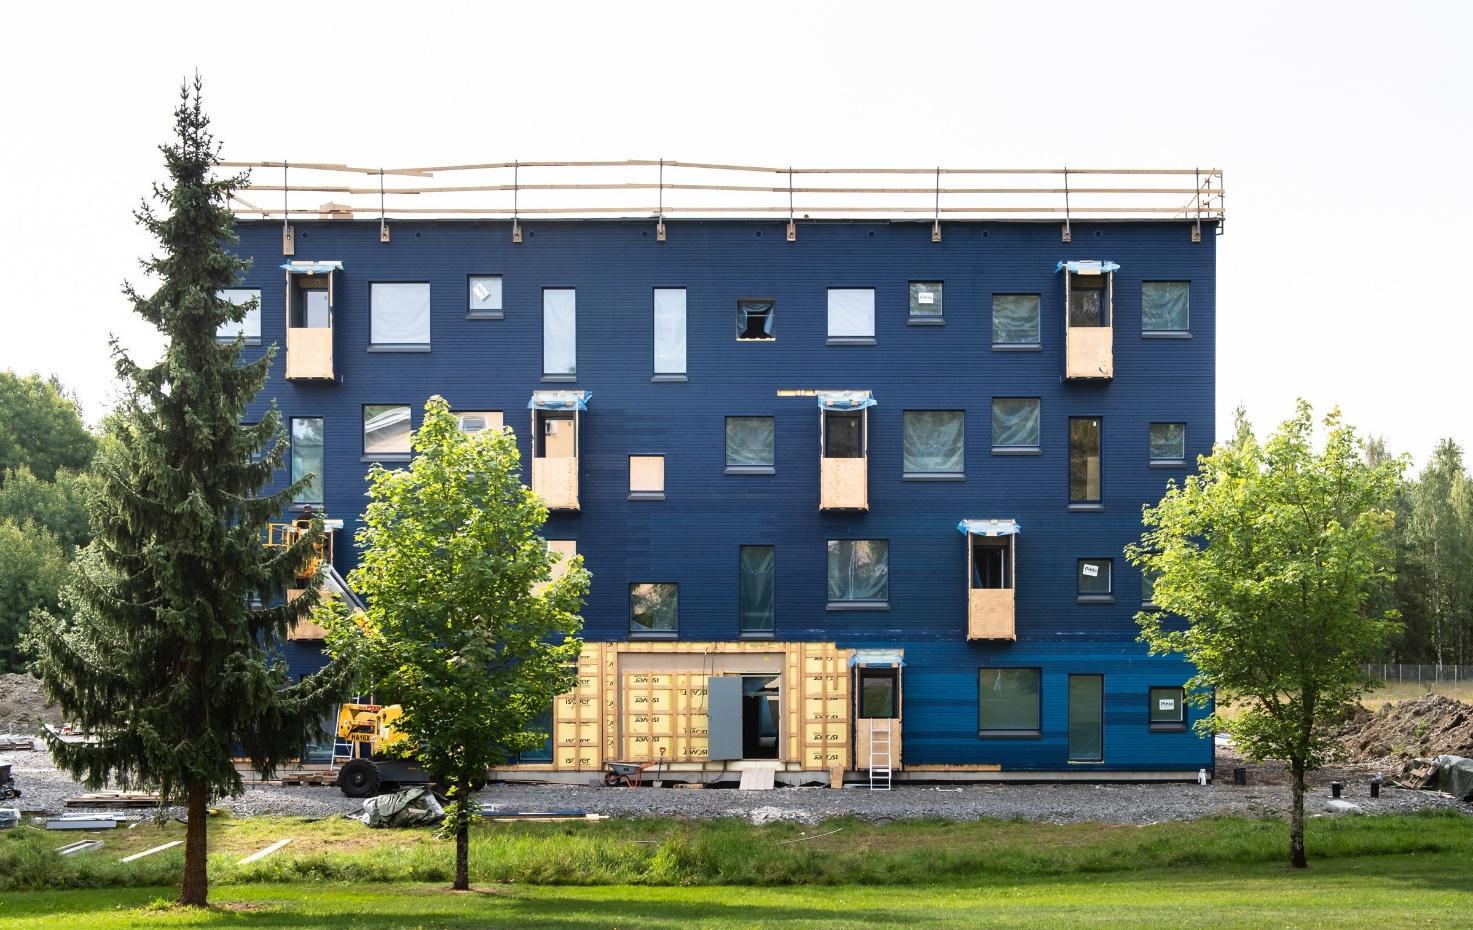 Case rakennus-salama st1 lähienergia maalämpö